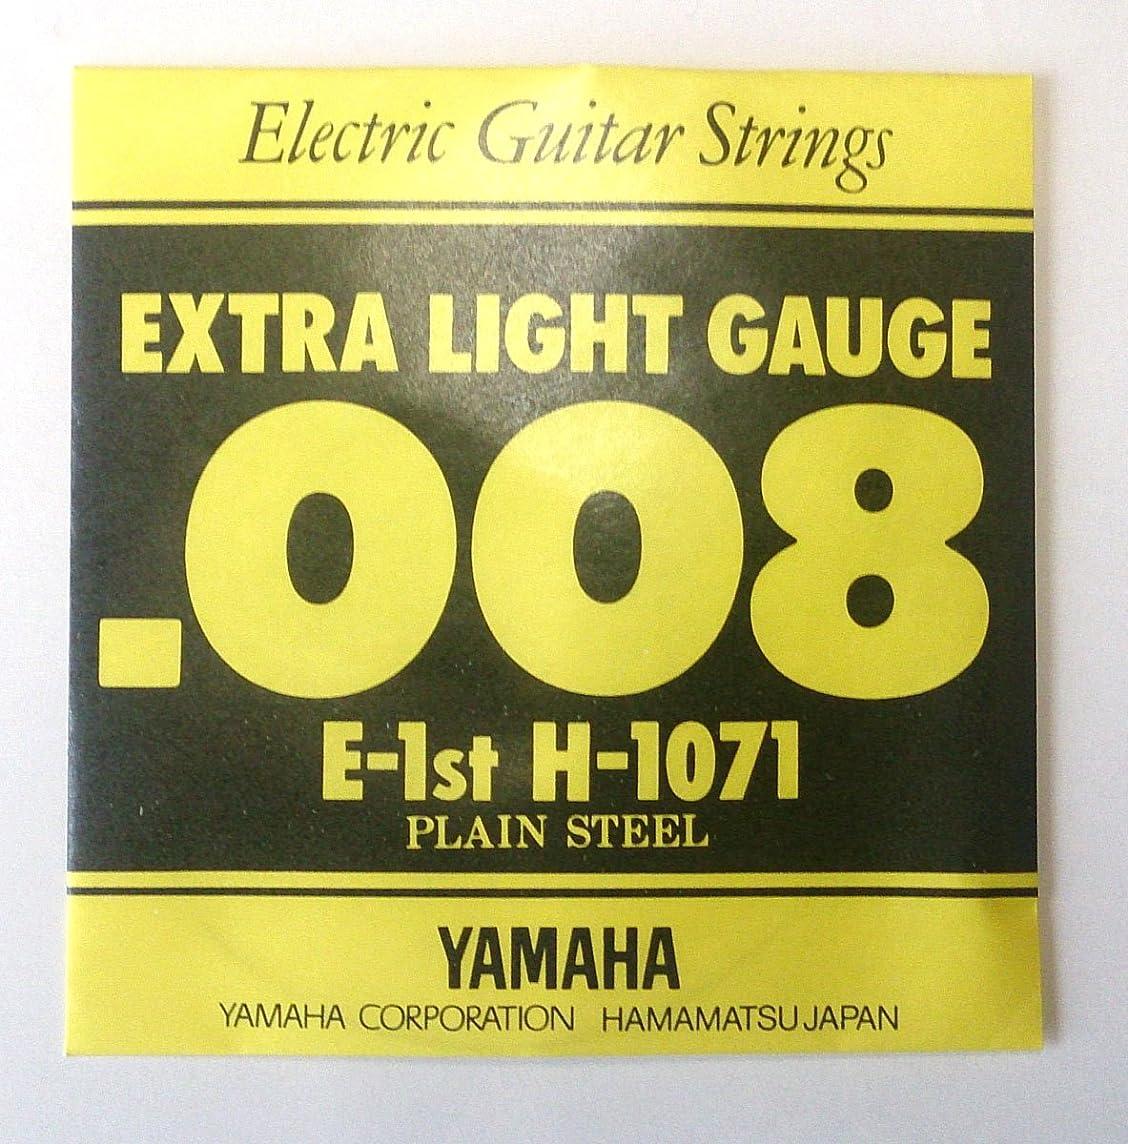 裕福なかご師匠YAMAHA H1071 エレキギター用 バラ弦 1弦